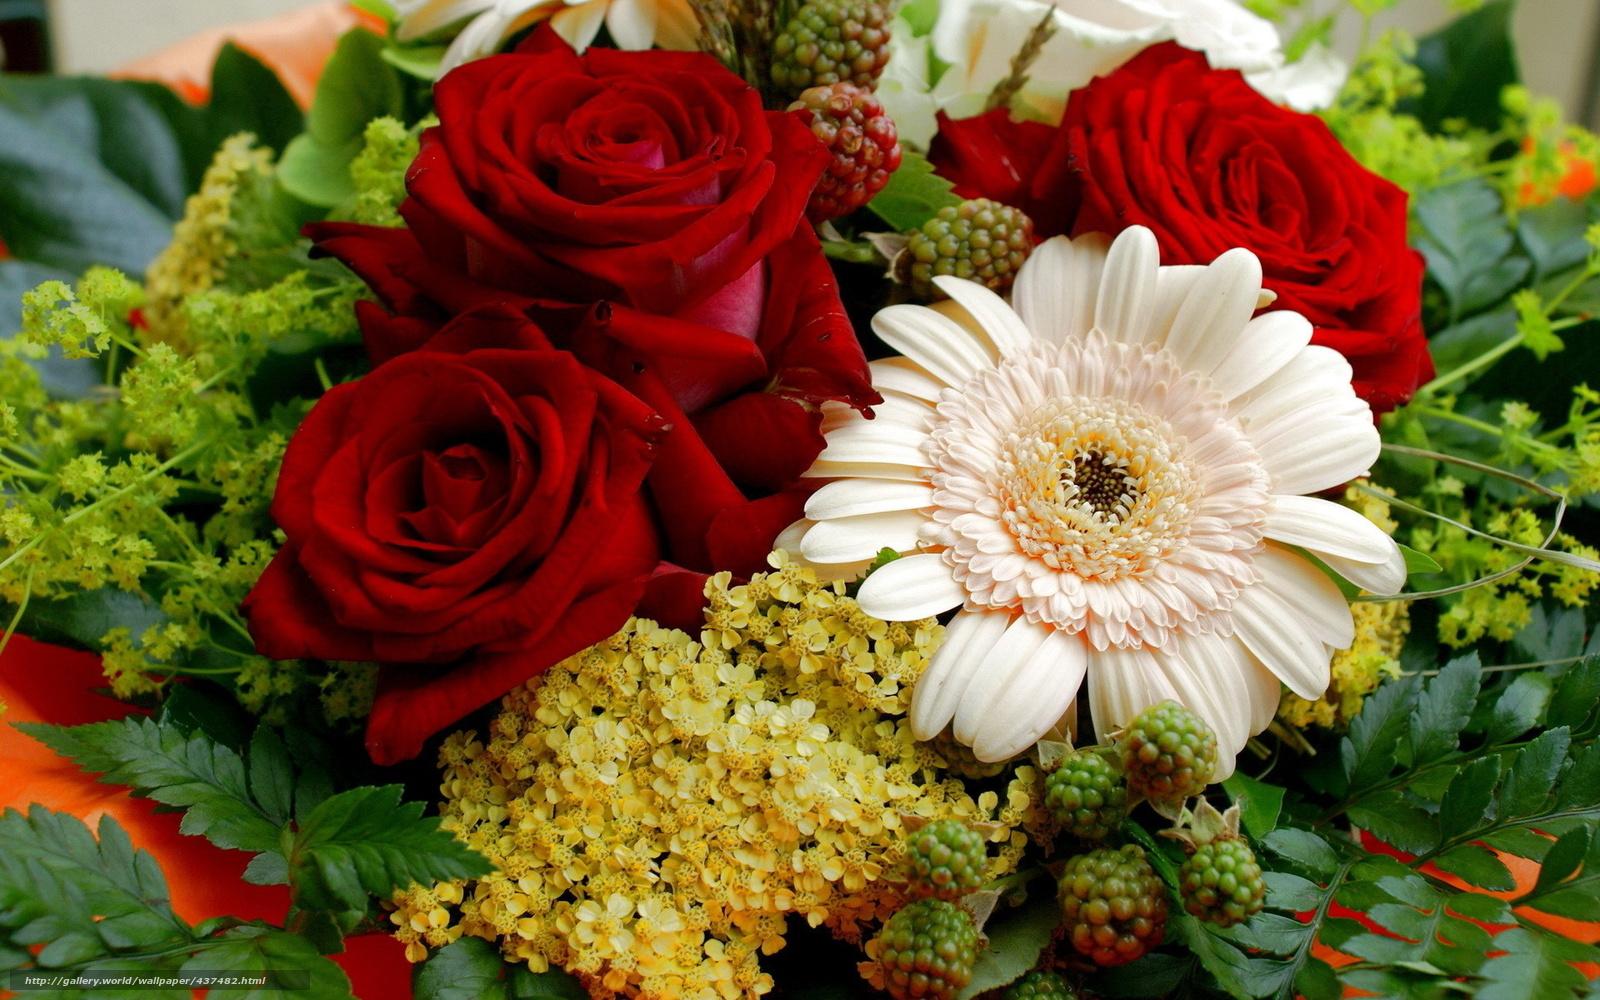 Фото букет цветов на рабочем столе